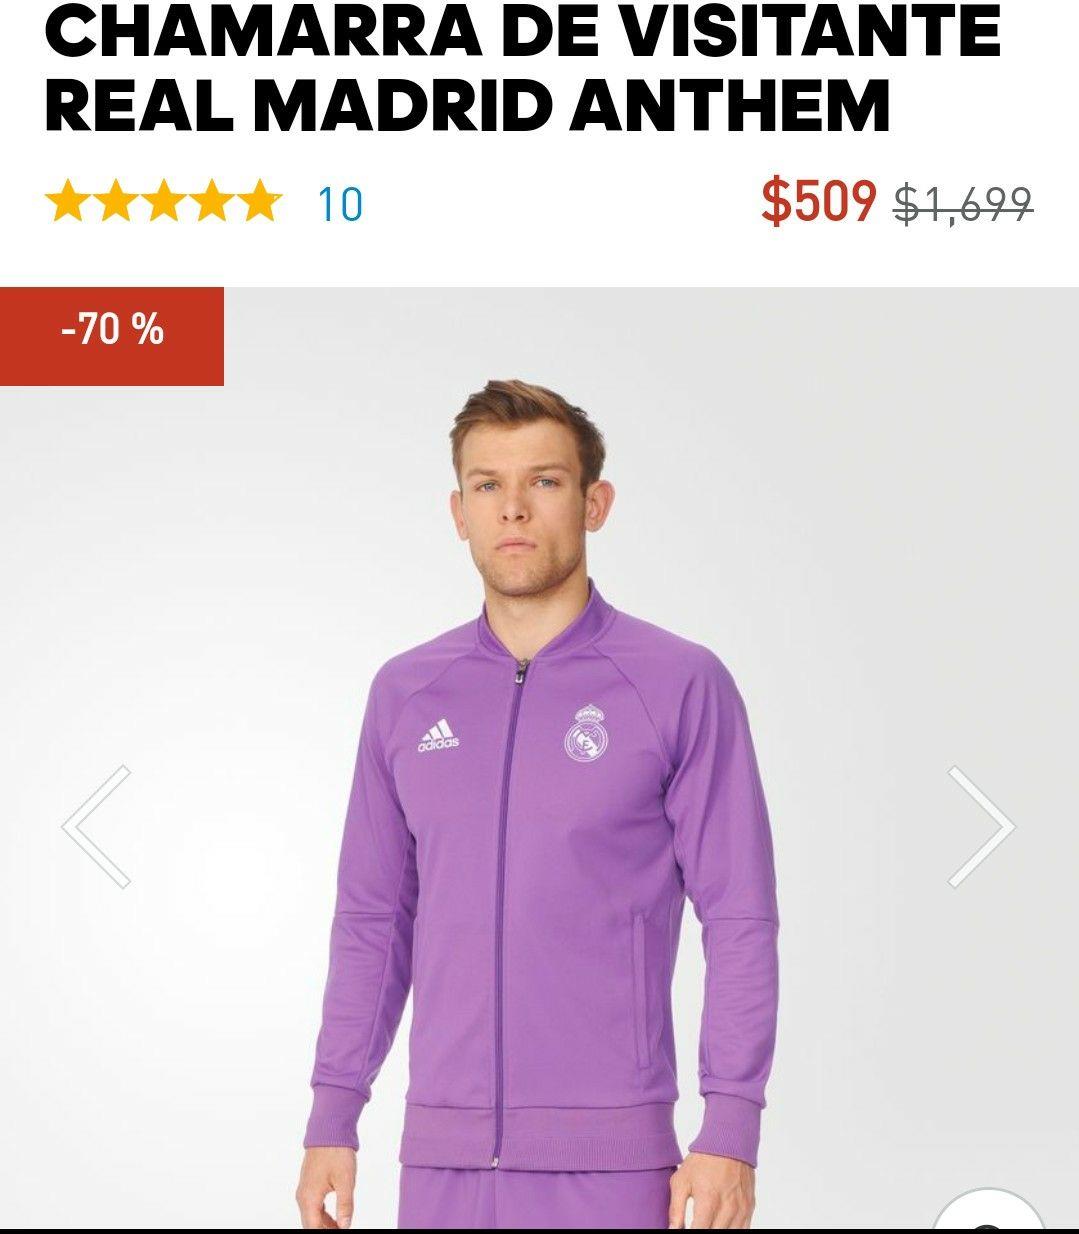 Adidas: Chamarra Real Madrid visitante con 70% de descuento